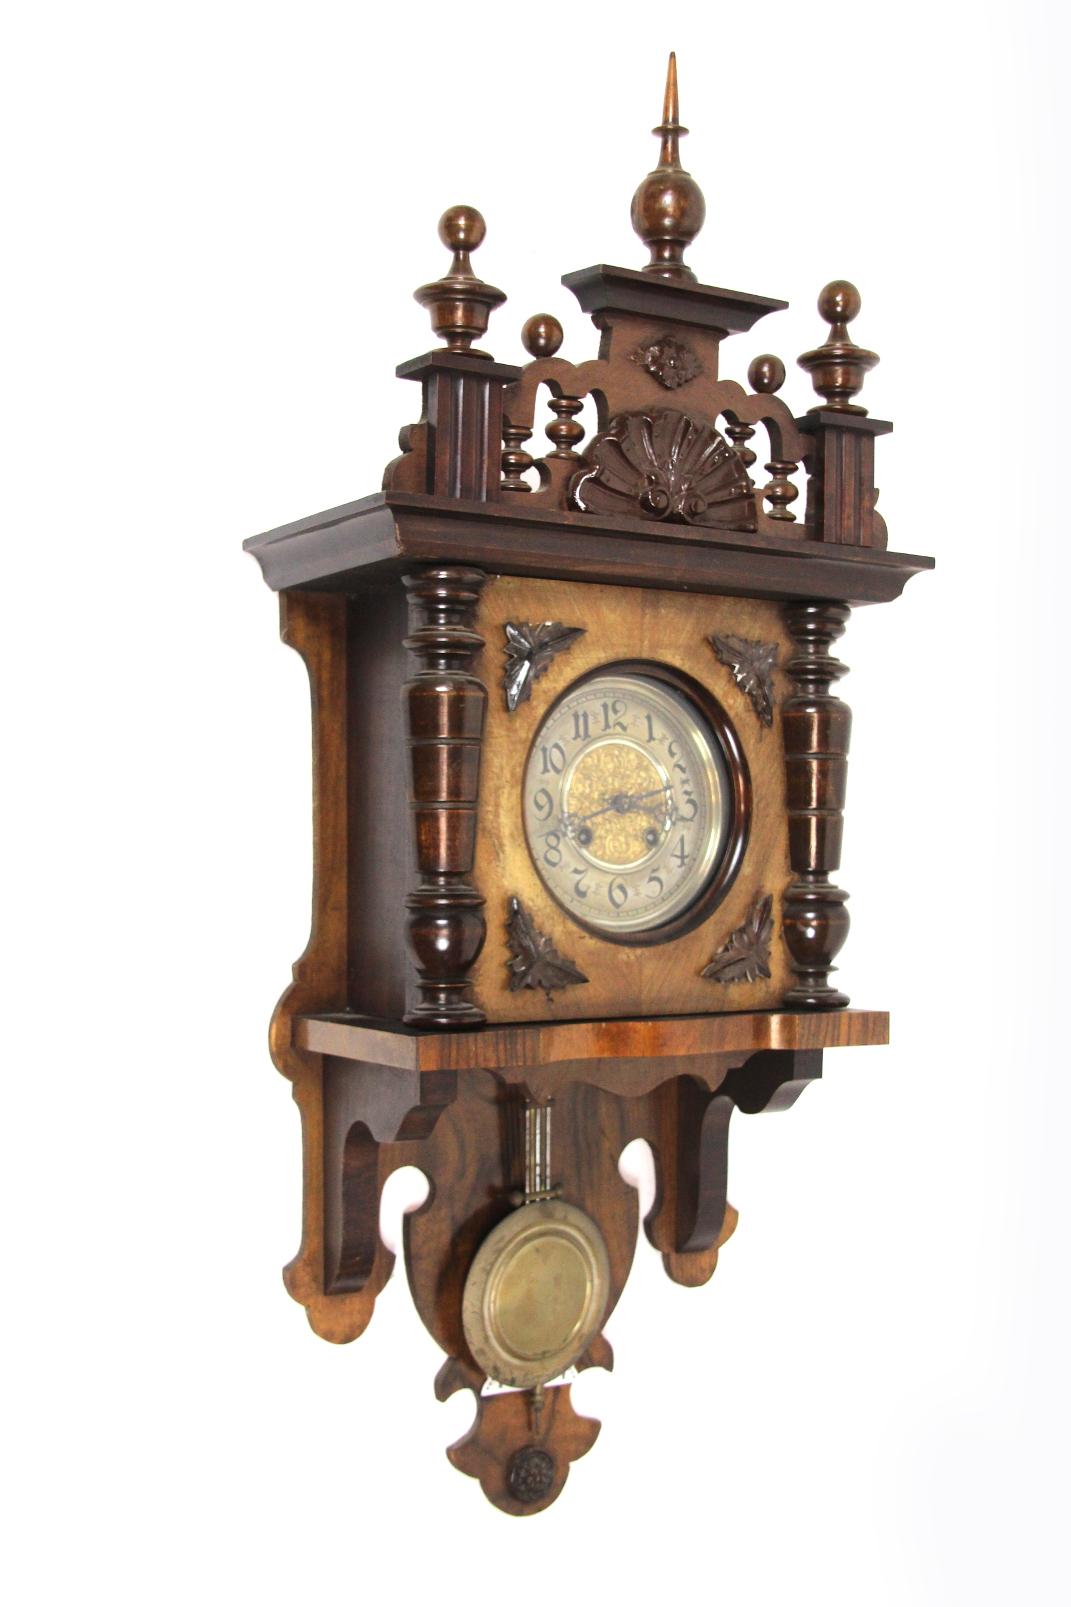 wanduhr holz antik inspirierendes design f r wohnm bel. Black Bedroom Furniture Sets. Home Design Ideas